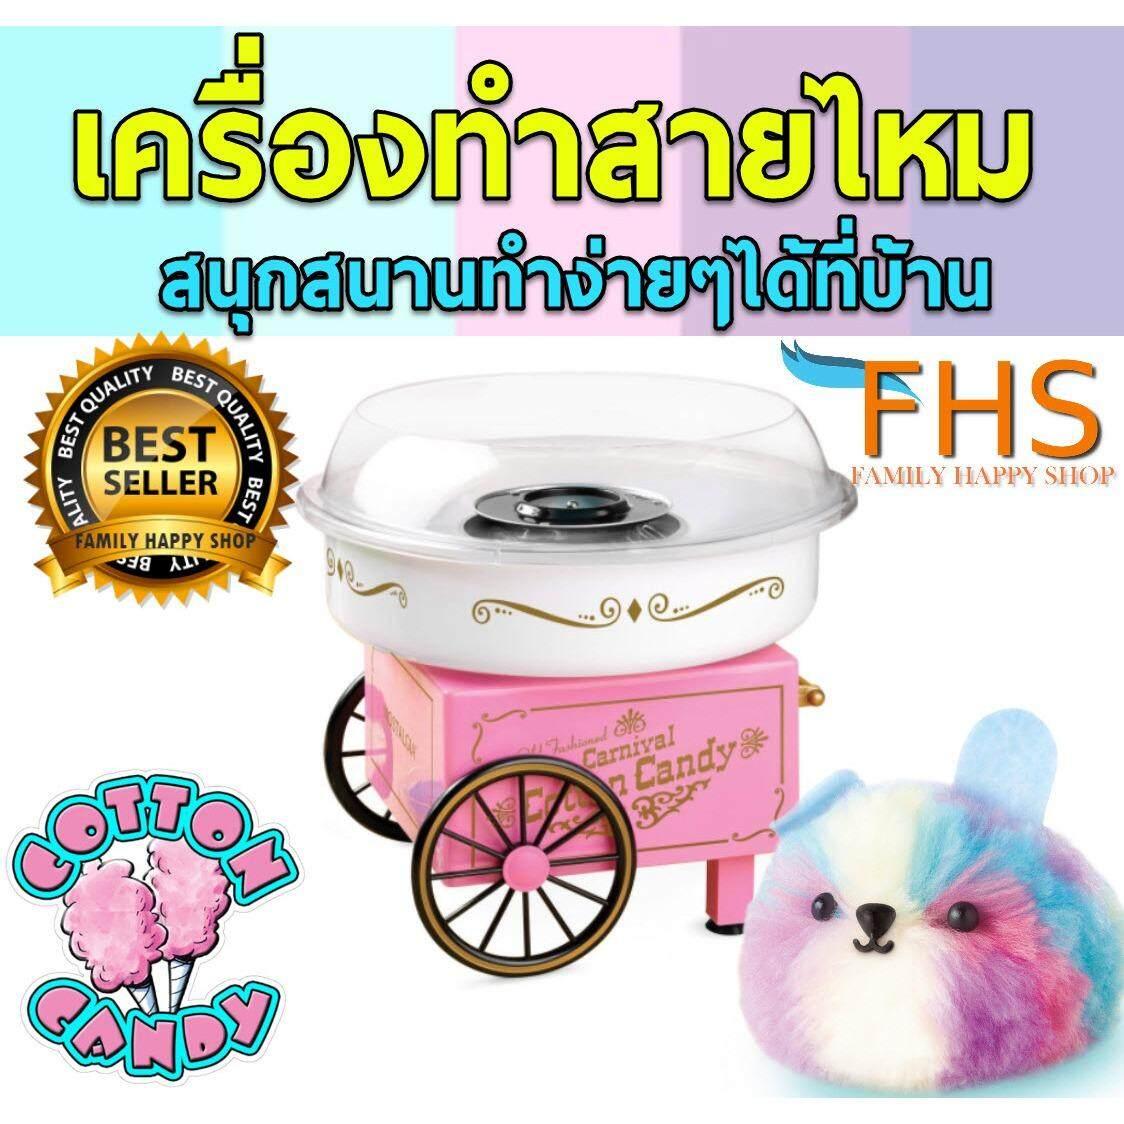 Fhs เครื่องทำสายไหม Cotton Candy Maker วินเทจดีไซน์ สีชมพู ทำง่ายๆอร่อยได้ทั้งครอบครัว เป็นต้นฉบับ